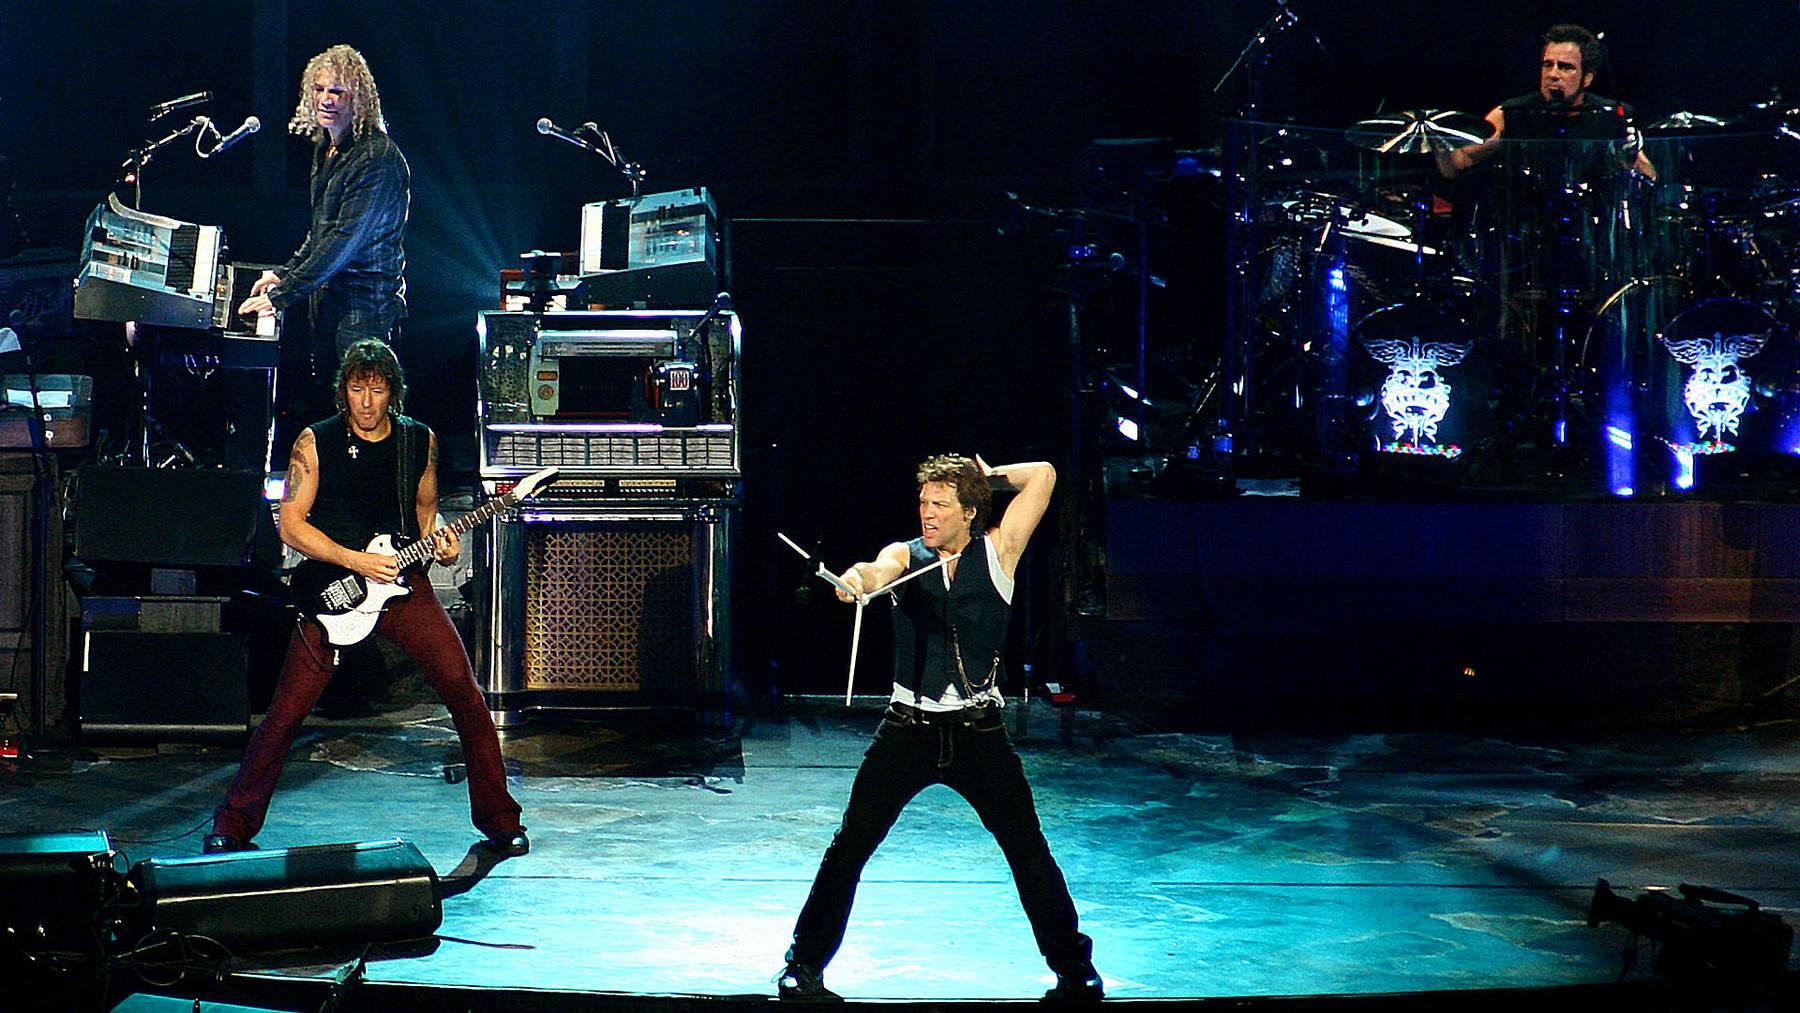 Kauft sich Bon Jovi ein eigenes Football-Team?